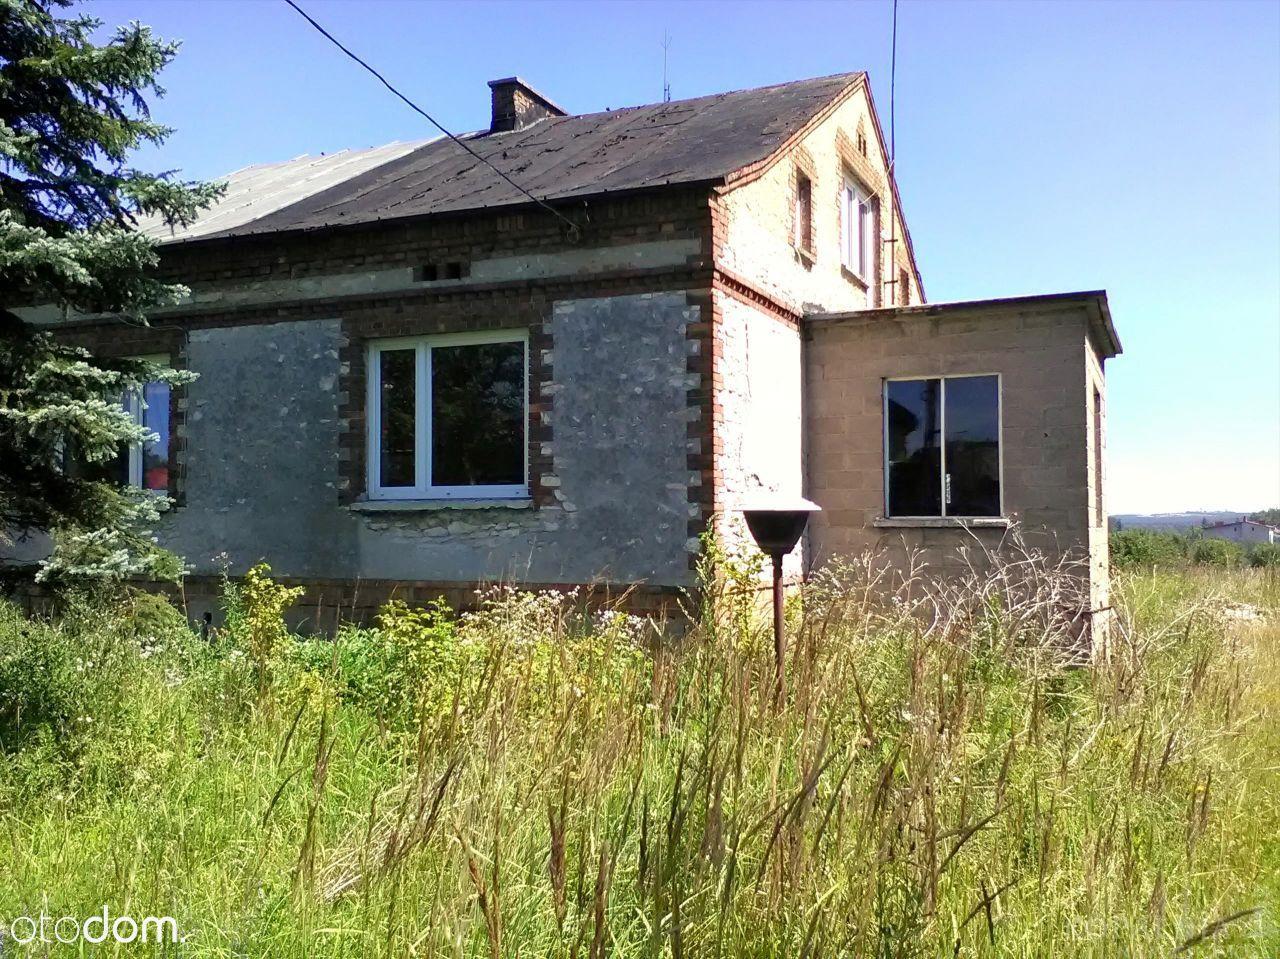 Dom wolnostojący Wrzosowa 300 000 zł brutto